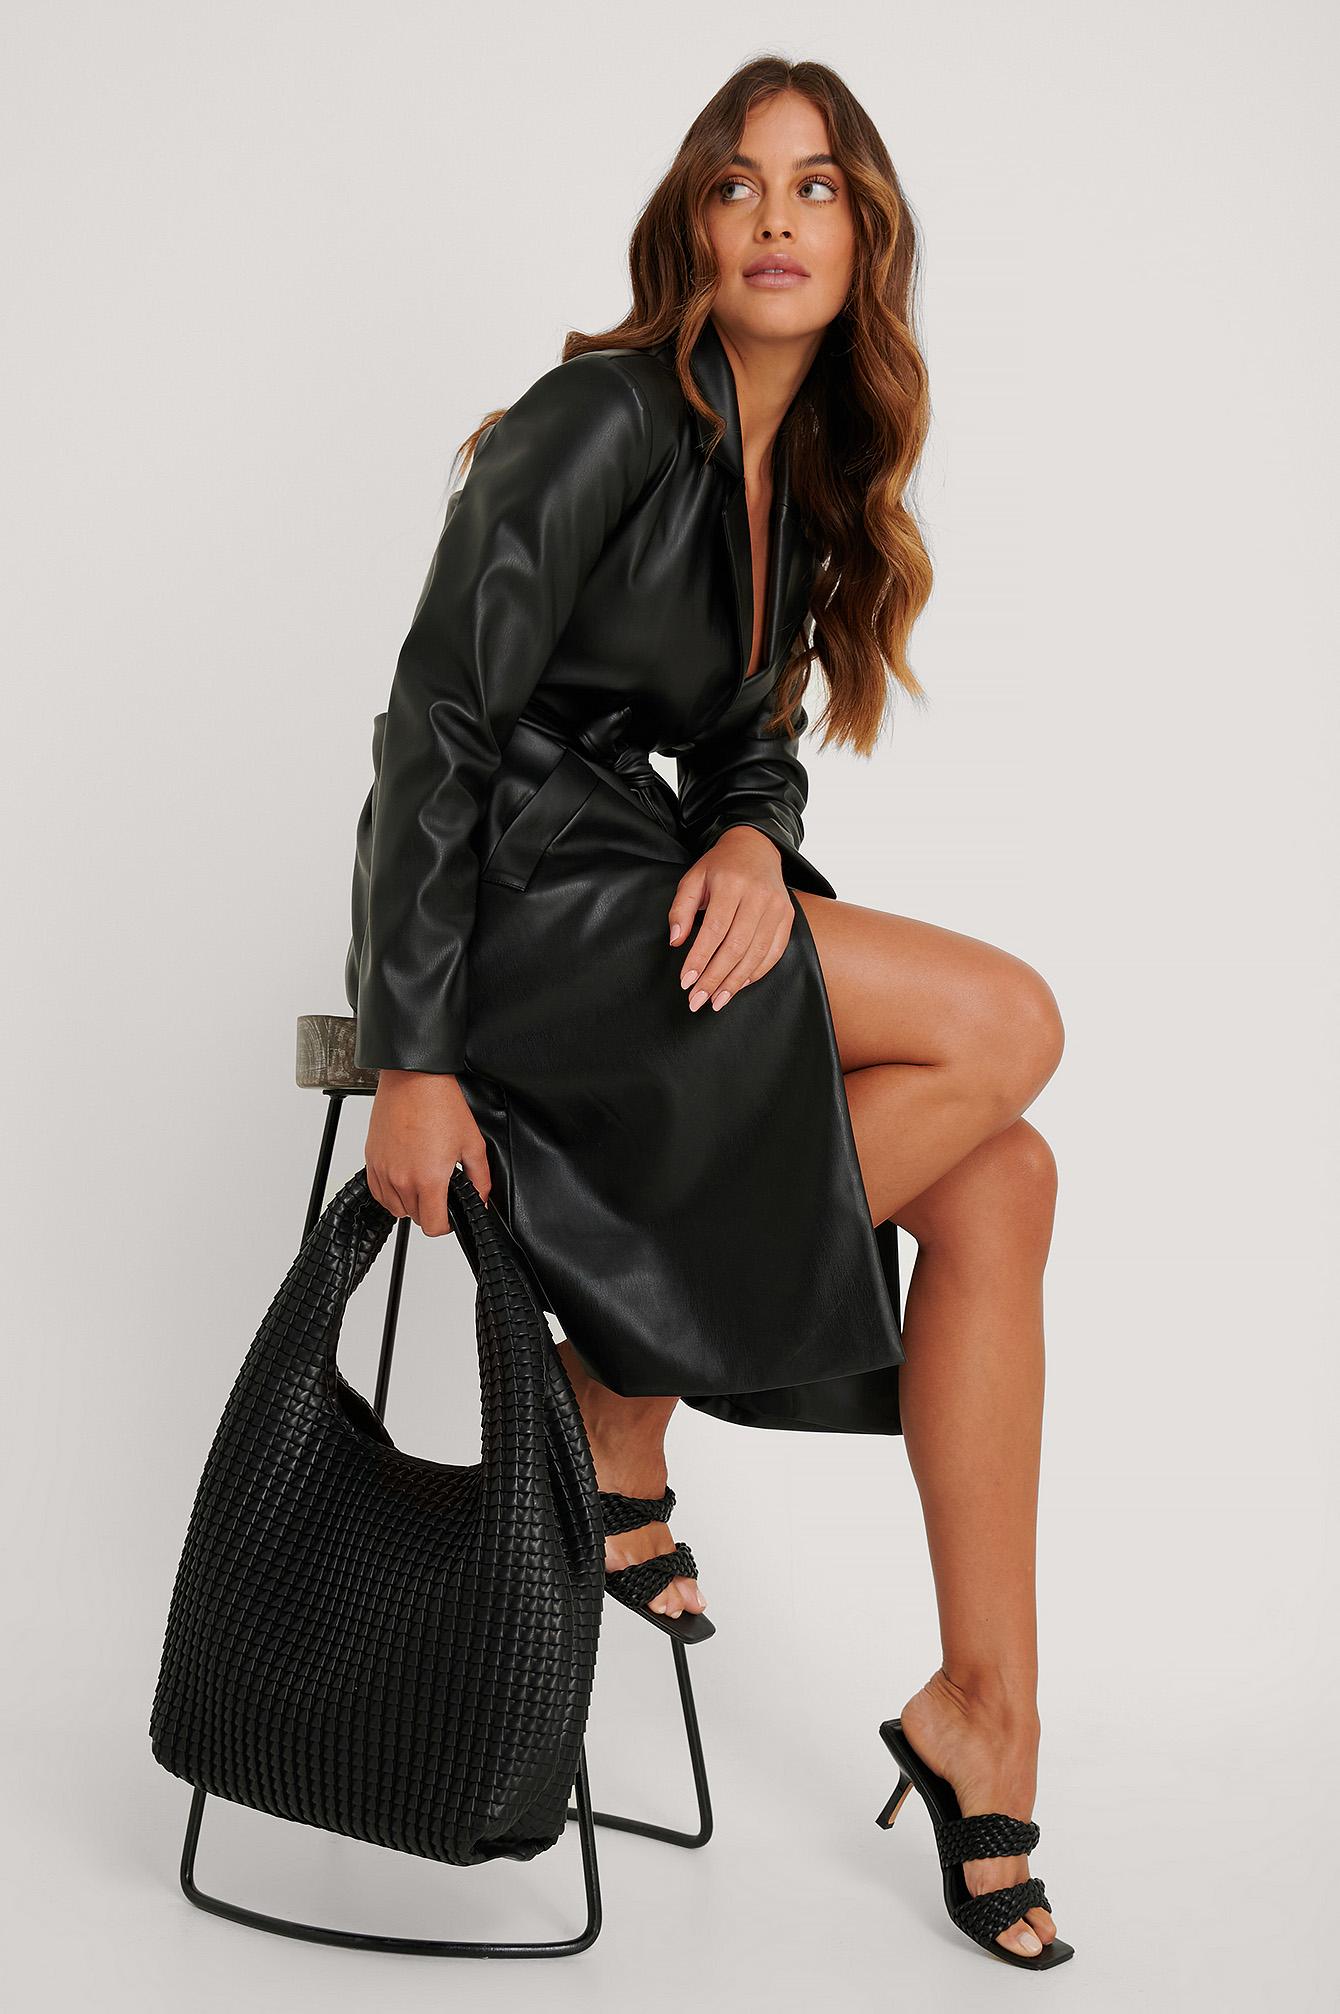 na-kd accessories -  Strukturierte Hobo-Tragetasche - Black